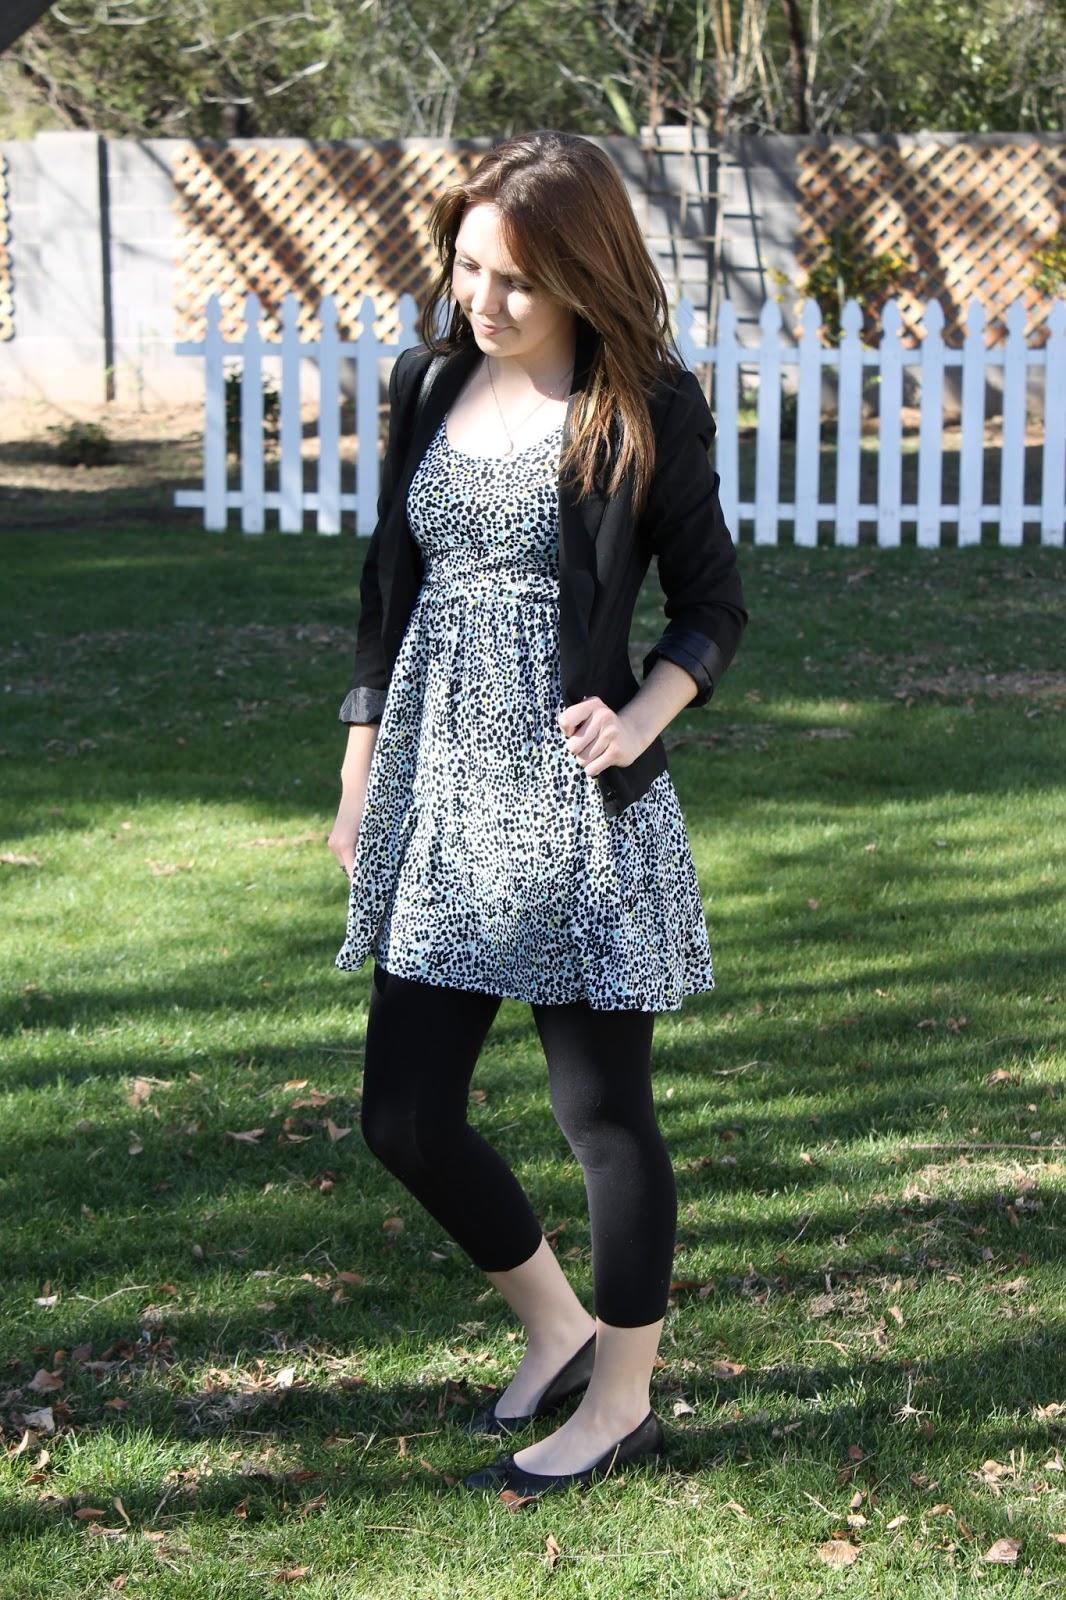 Wear It, Work It: 5 Different Ways to Wear Black Leggings